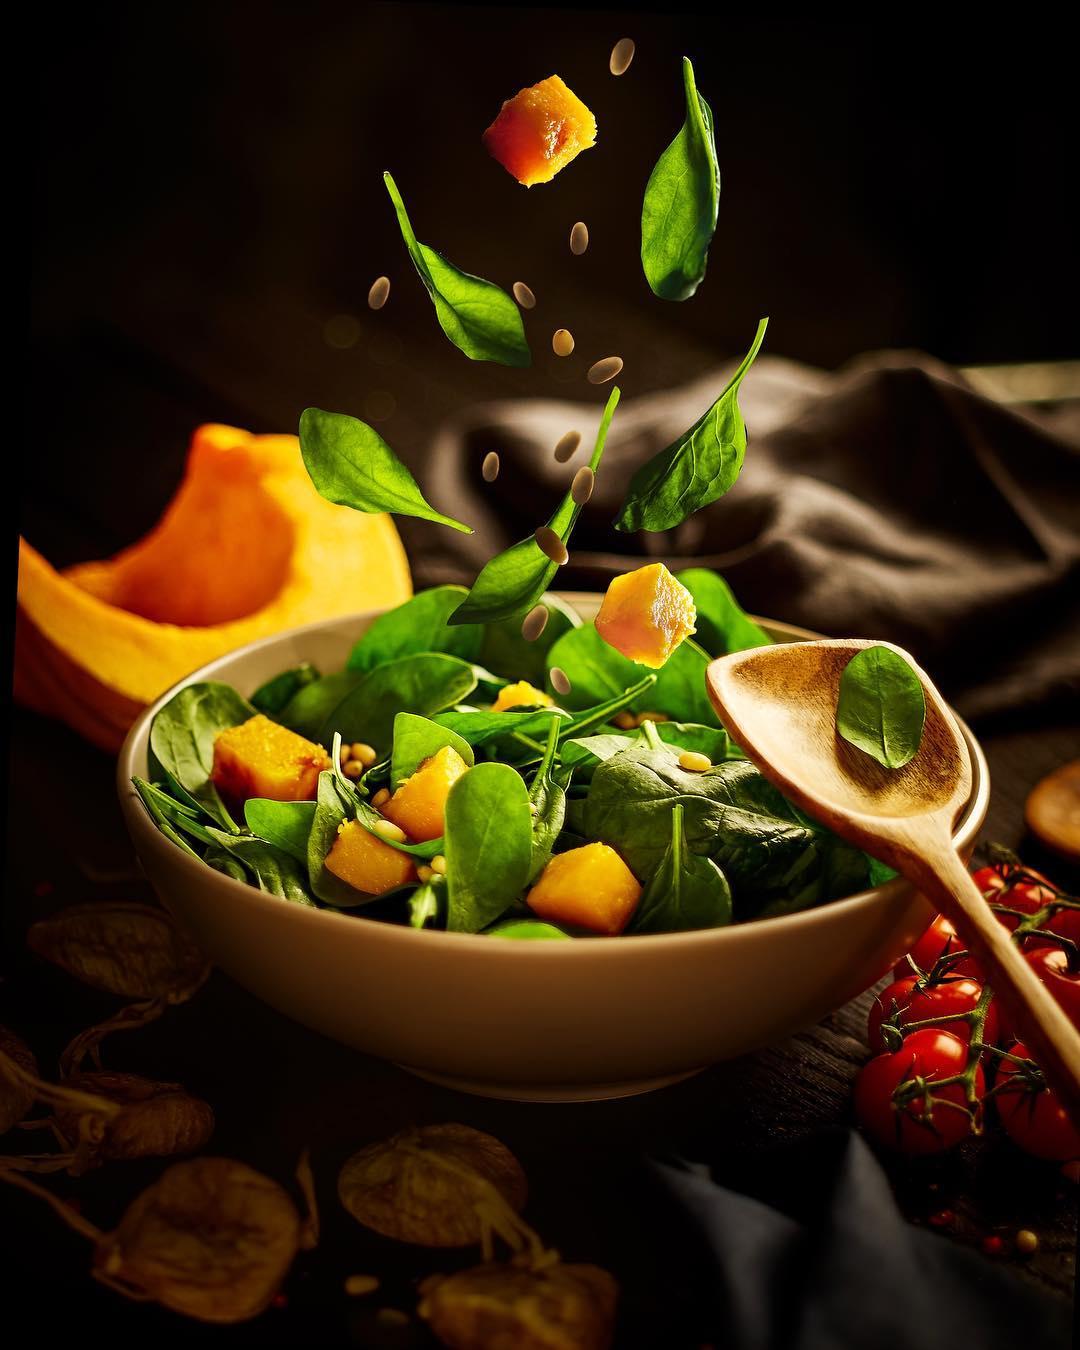 Салат с печеной тыквой, молодым шпинатом и орешками